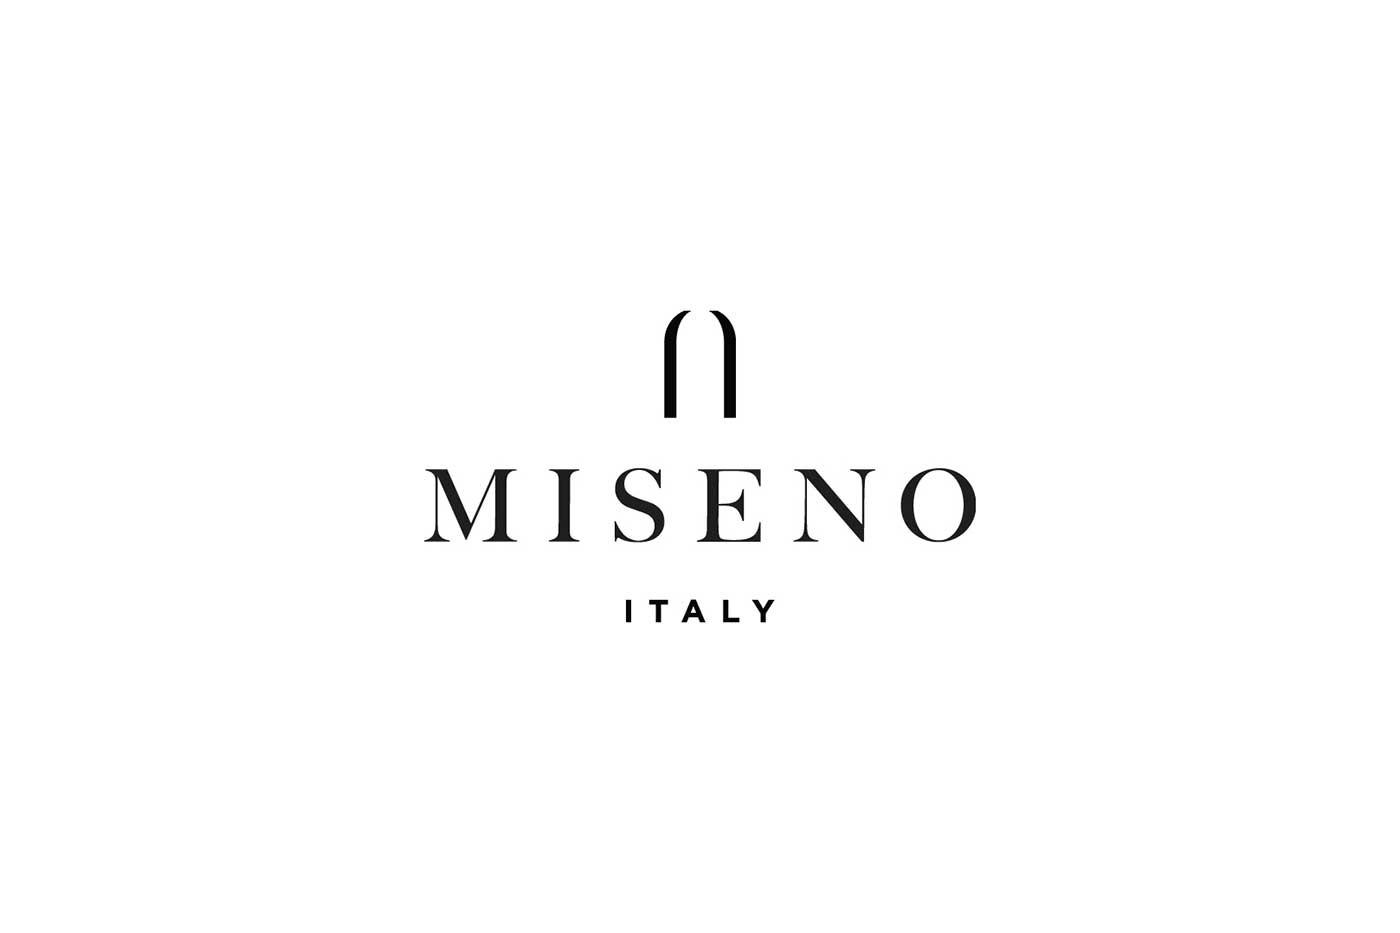 MISENO-LogoItaly-FINAL-3000x2000.jpg